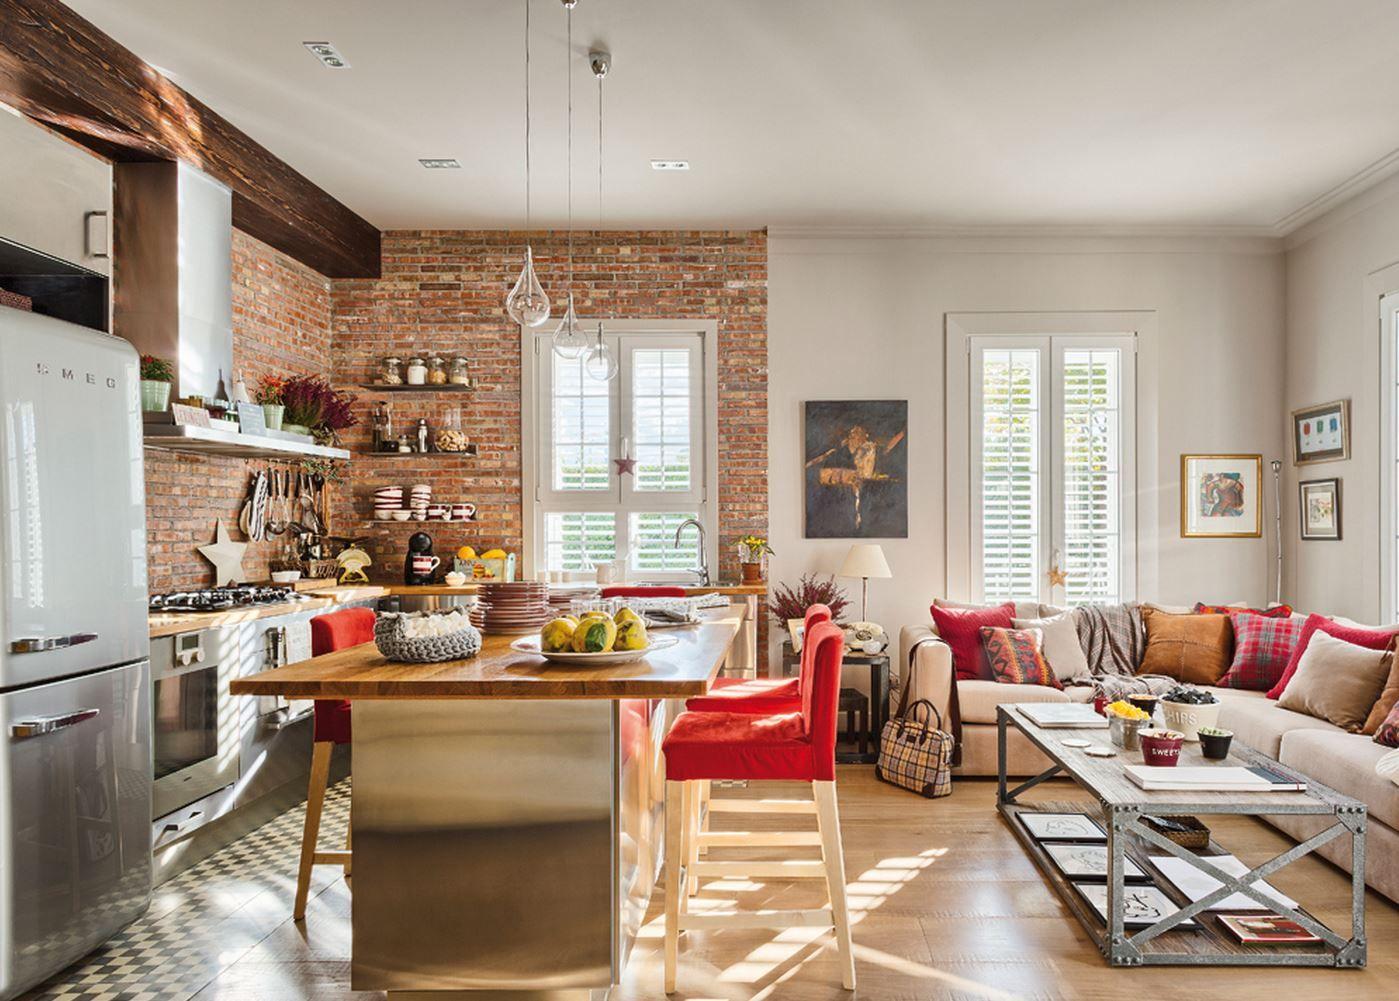 Sala E Cozinha Conjugadas Ideal Para Receber Amigos  -> Cozinha Com Sala Conjugada